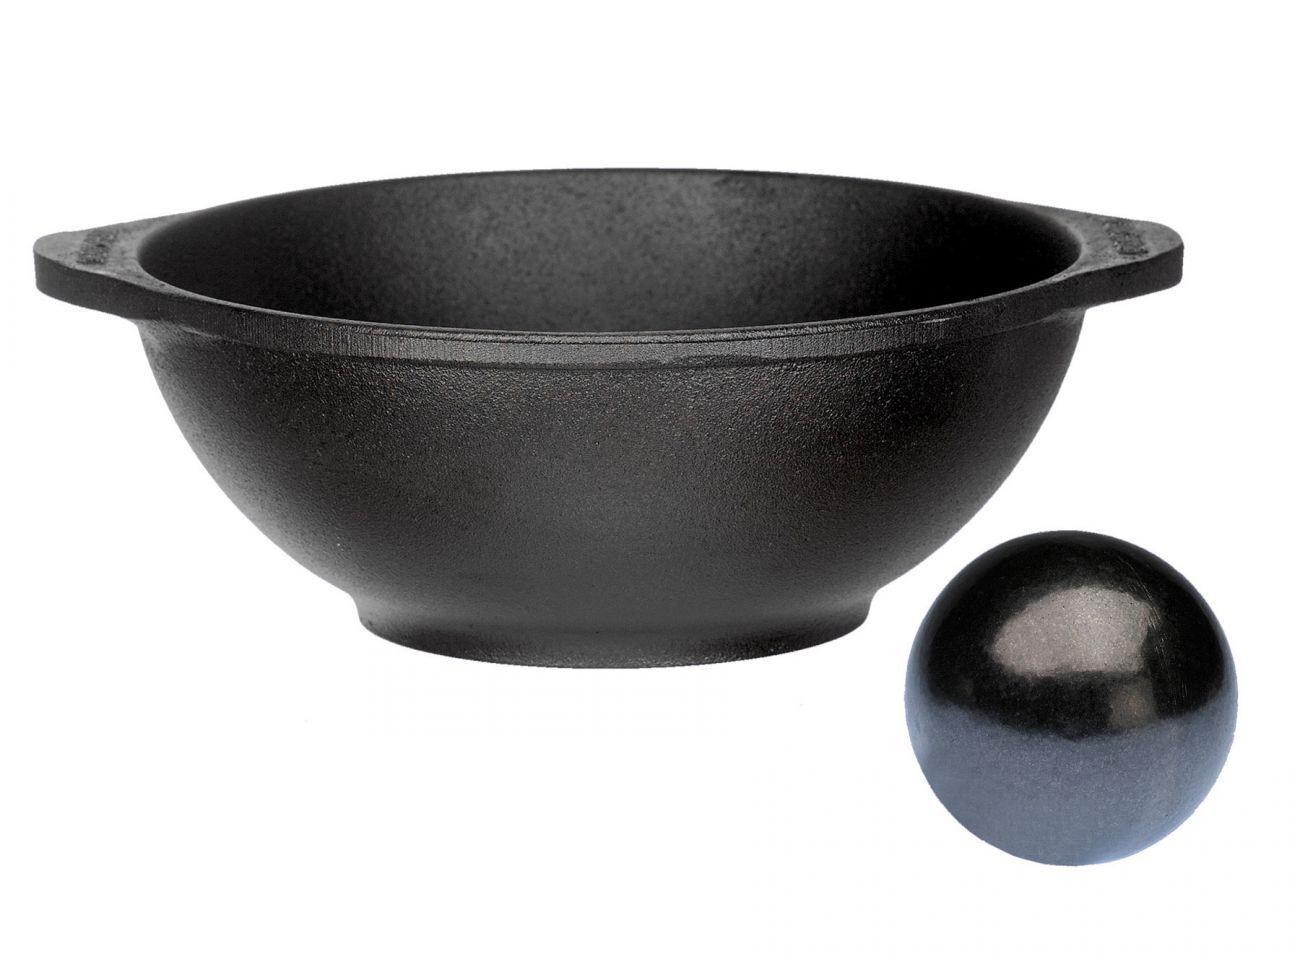 Skeppshult senape sfera e galleggiano GUSCIO guscio erbe spezie GUSCIO mortai 21 cm